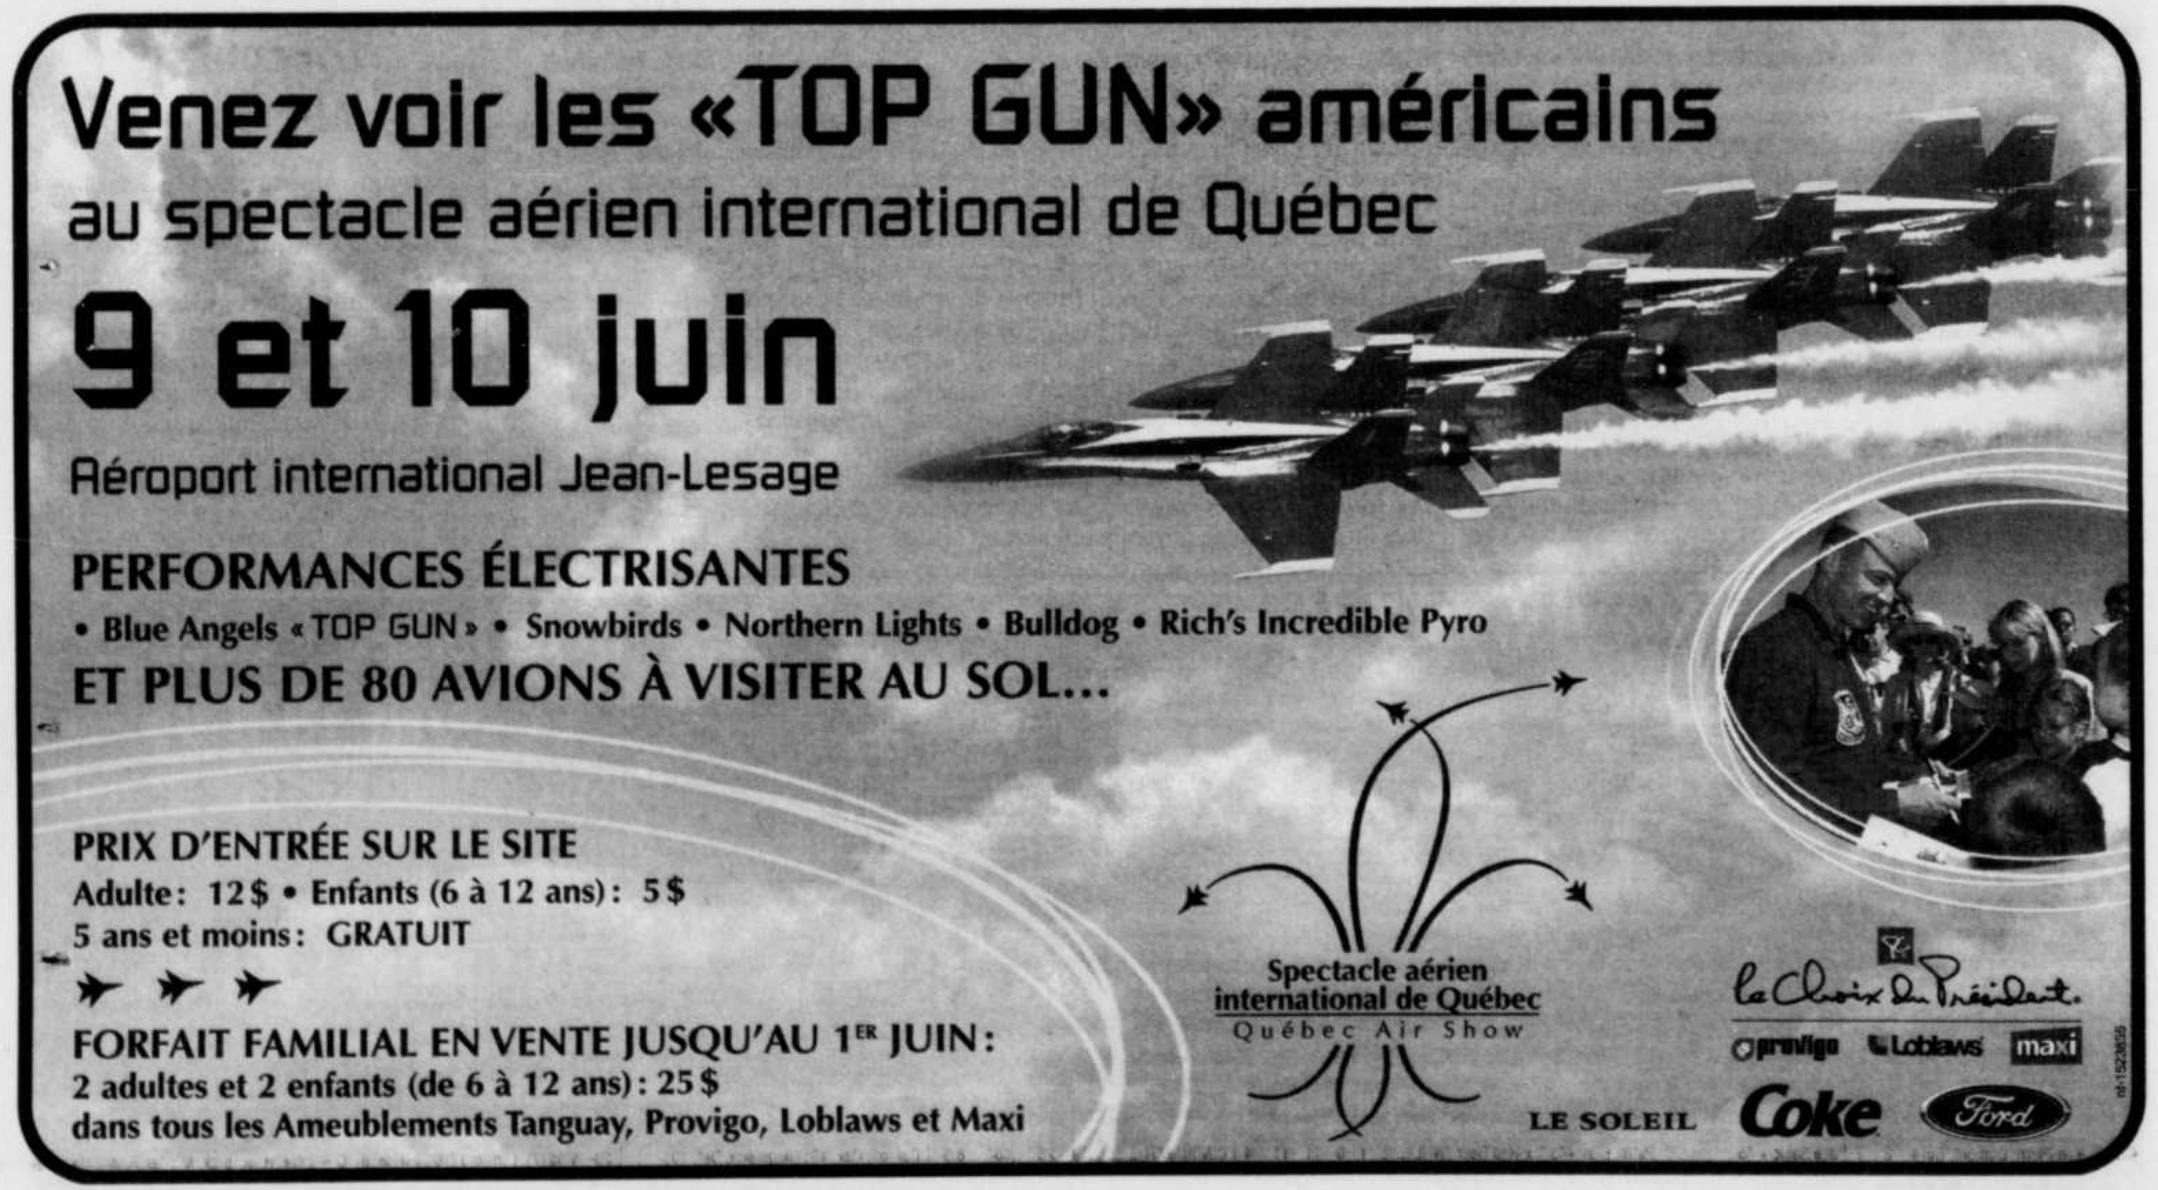 Journal Le Soleil 26 mai 2001